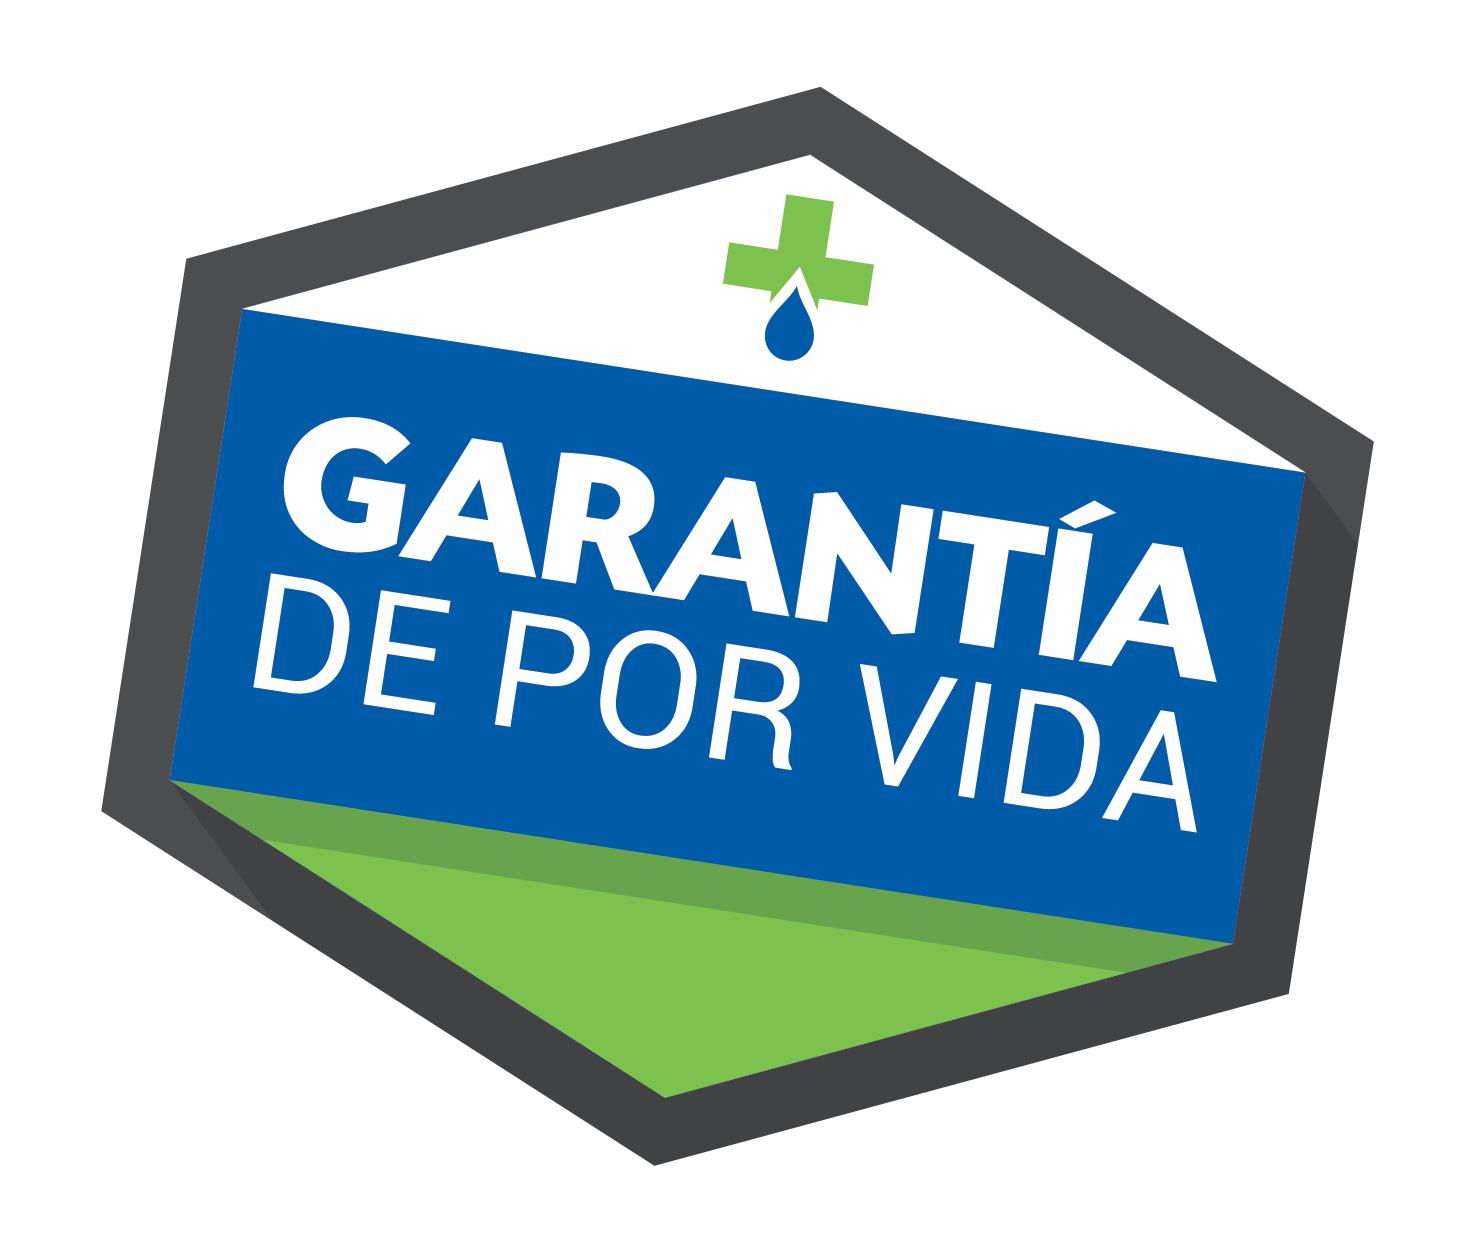 +TINAC- LOGO GARANTIA DE POR VIDA